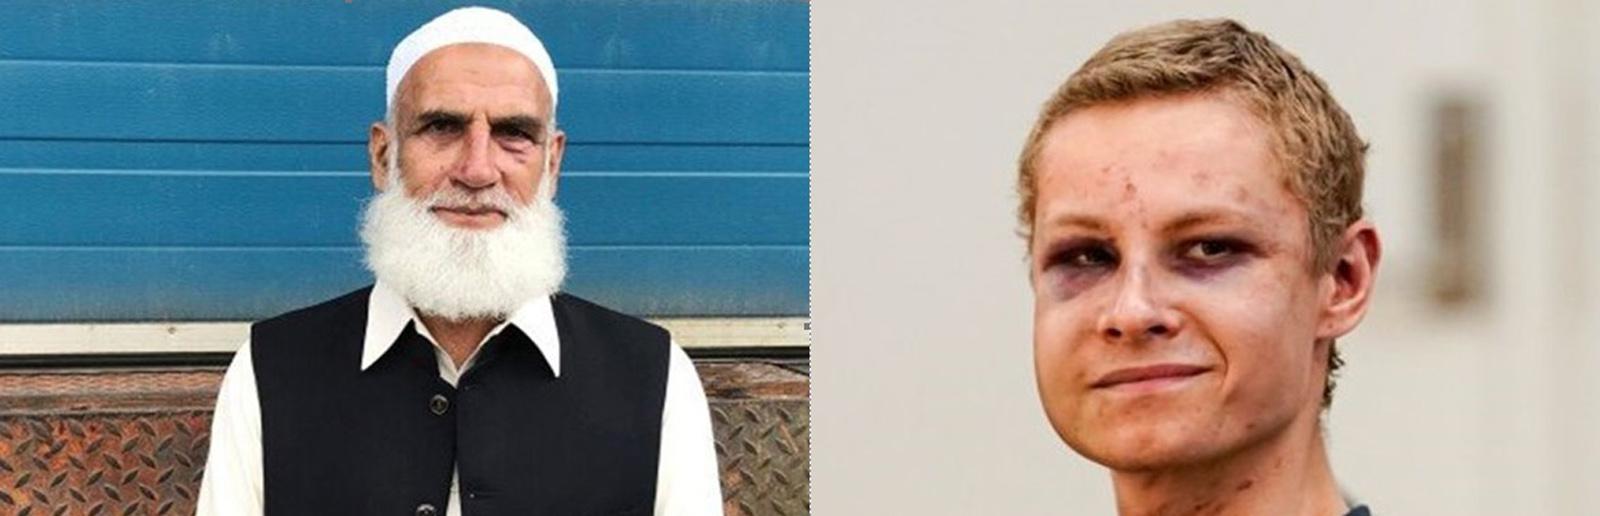 नार्वे की मस्जिद में आतंकी हमला नाकाम करने वाले 65 वर्षीय बुज़ुर्ग मोहम्मद रफ़ीक़ को एक हीरो की तरह सम्मान दिया जा रहा है।